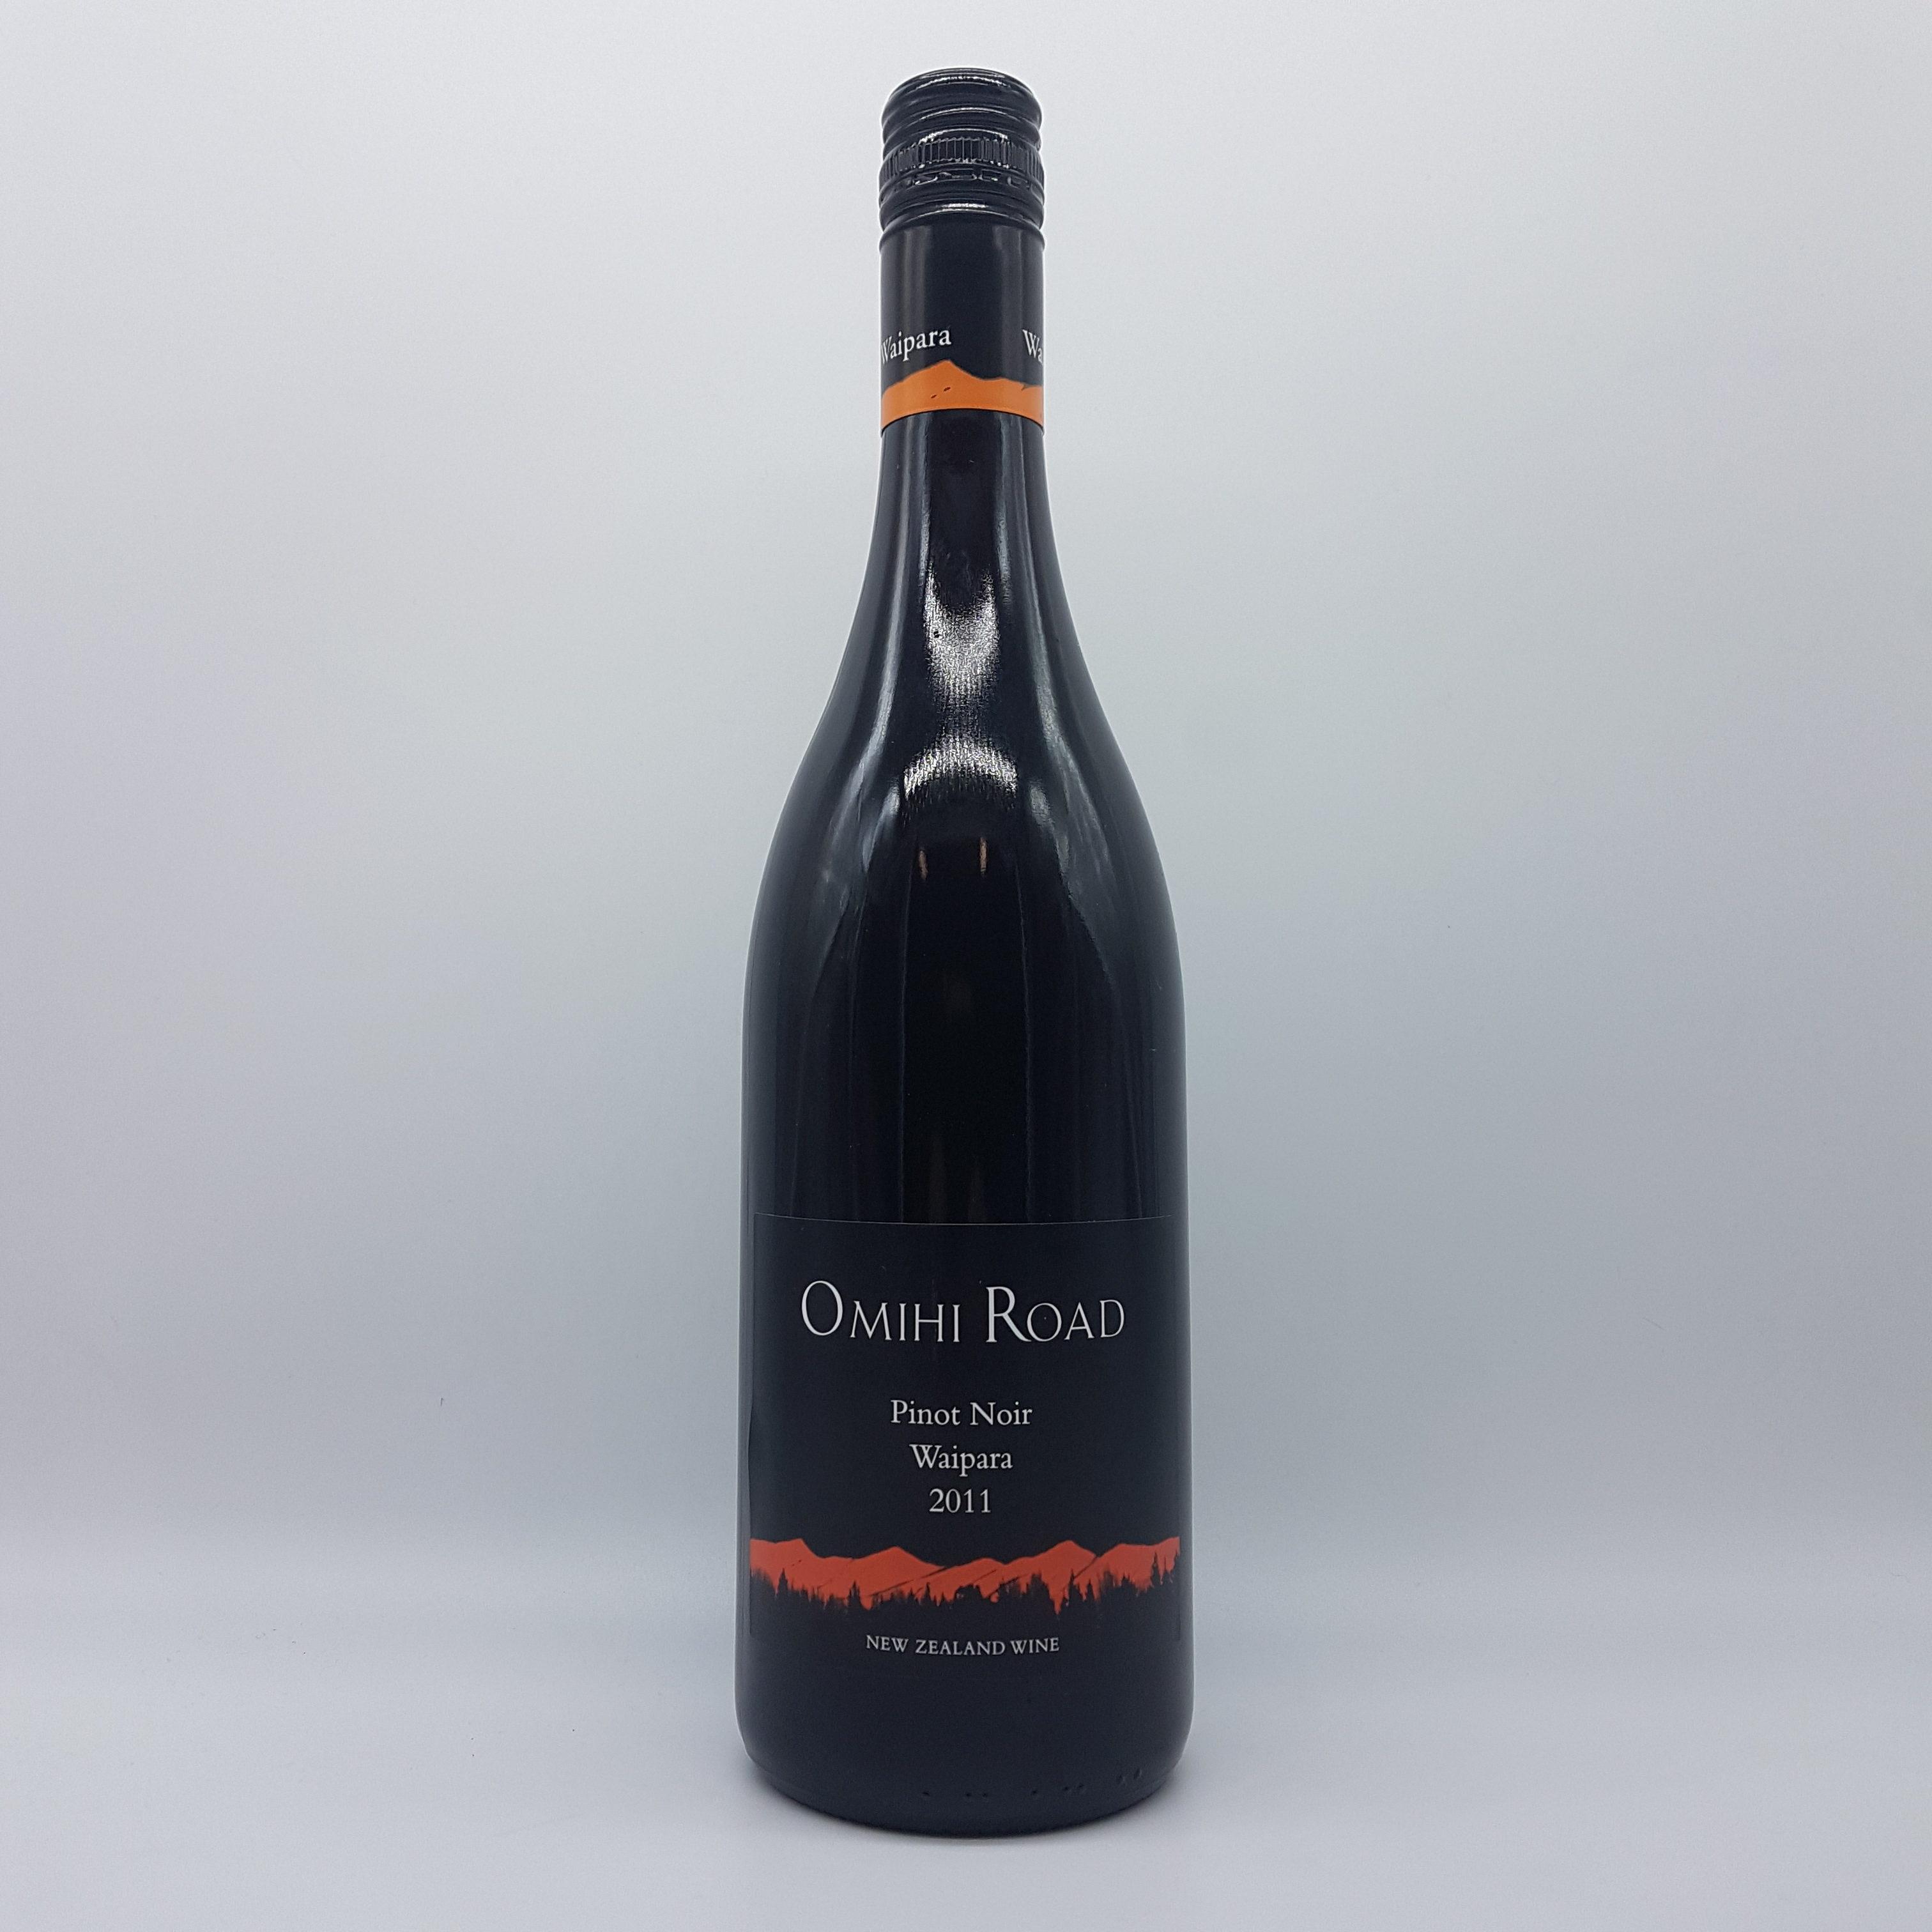 Omihi Road Waipara Pinot Noir